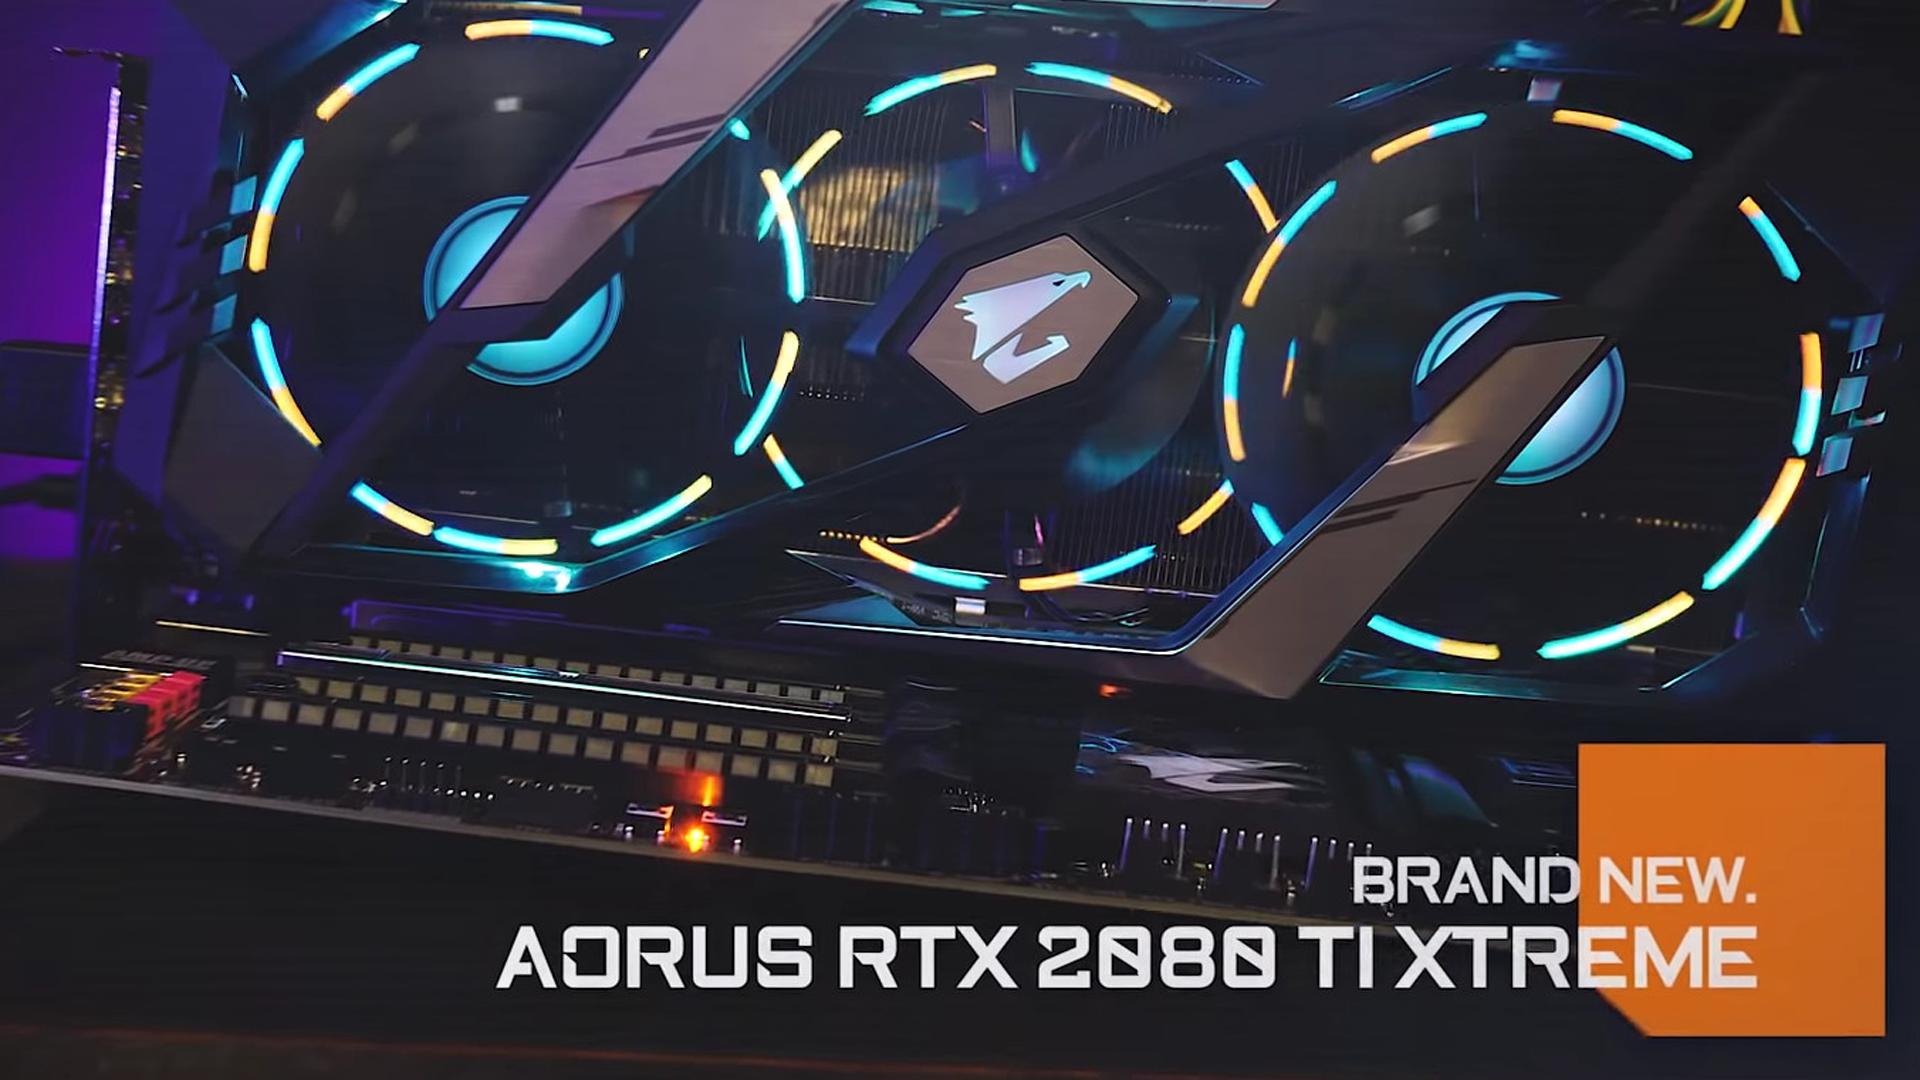 شاهد معنا اولى صور وحش جيجابايت الجديد AORUS RTX 2000 XTREME